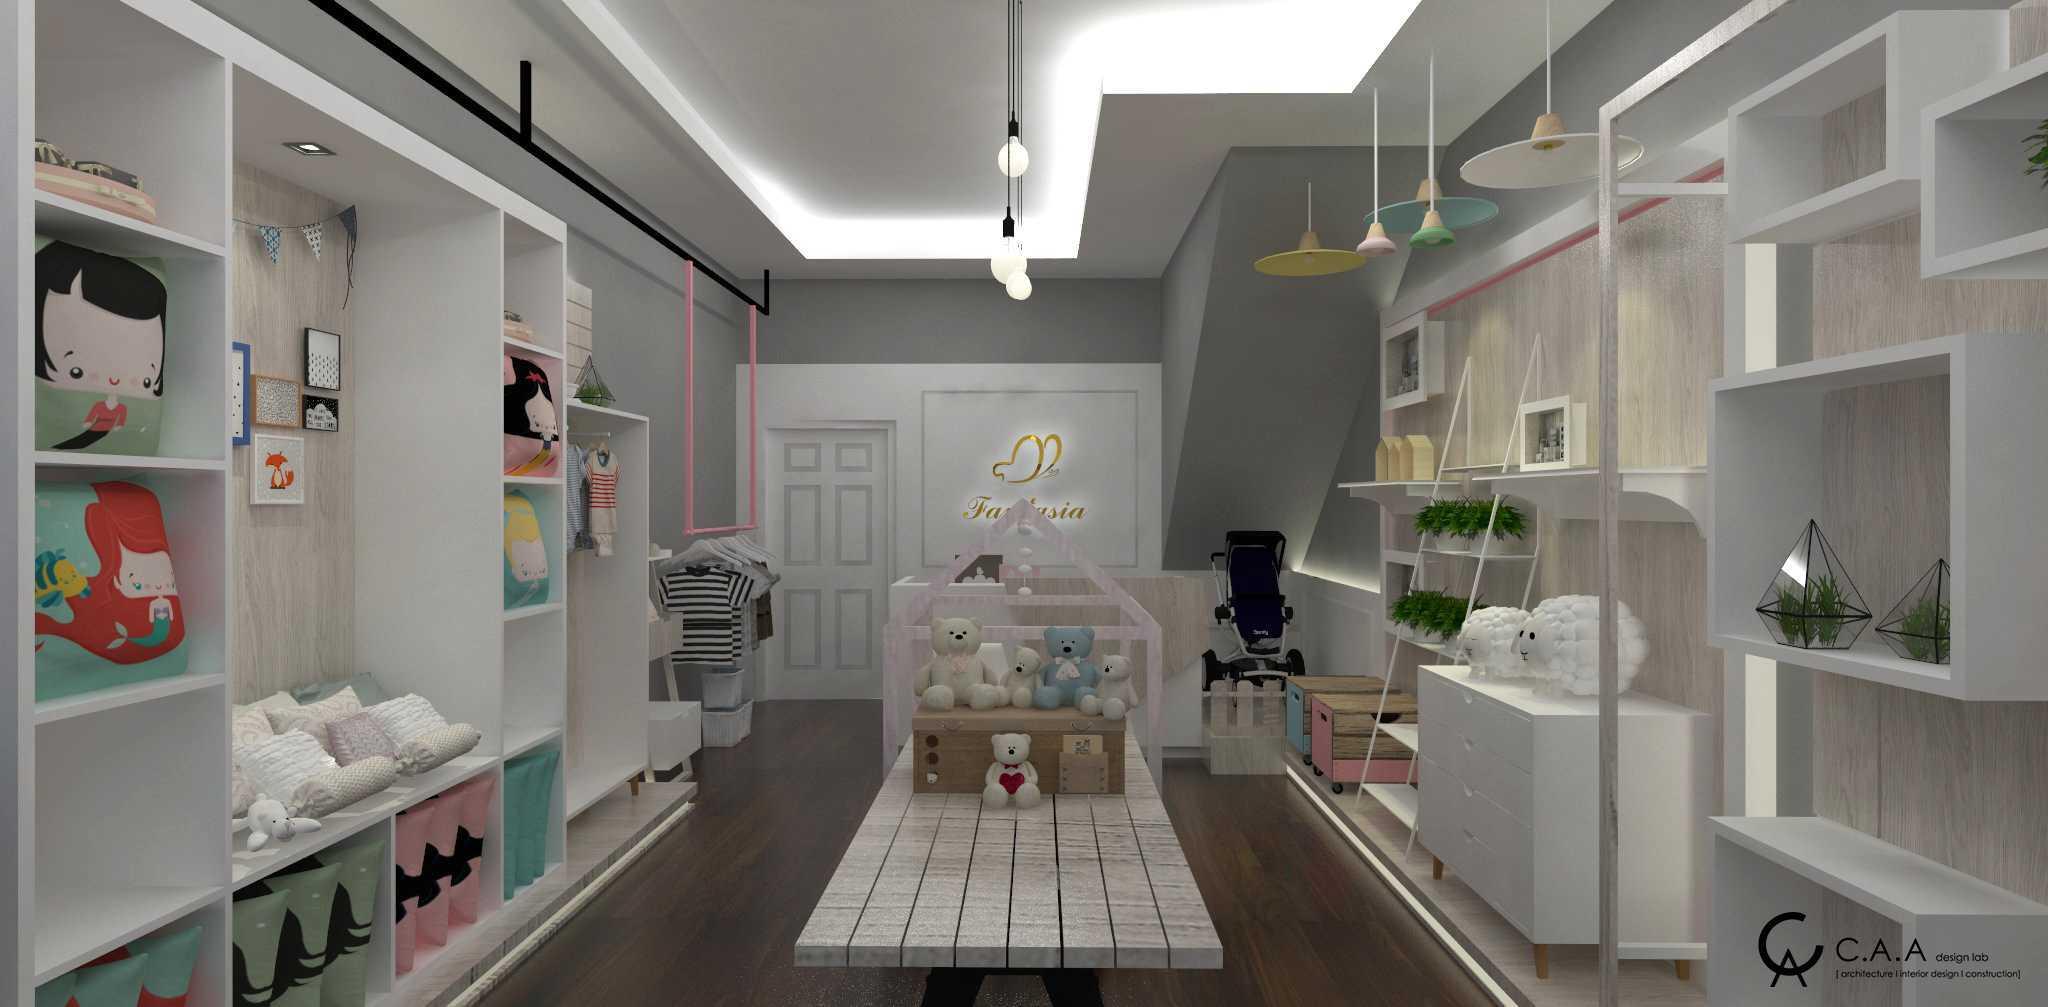 Ada Design Studio Fantasia Baby Shop Cbd Gading Serpong, Ruko 7Cs, Df1/3, Curug Sangereng, Klp. Dua, Tangerang, Banten 15810, Indonesia Cbd Gading Serpong, Ruko 7Cs, Df1/3, Curug Sangereng, Klp. Dua, Tangerang, Banten 15810, Indonesia Ada-Design-Lab-Fantasia-Baby-Shop  67451